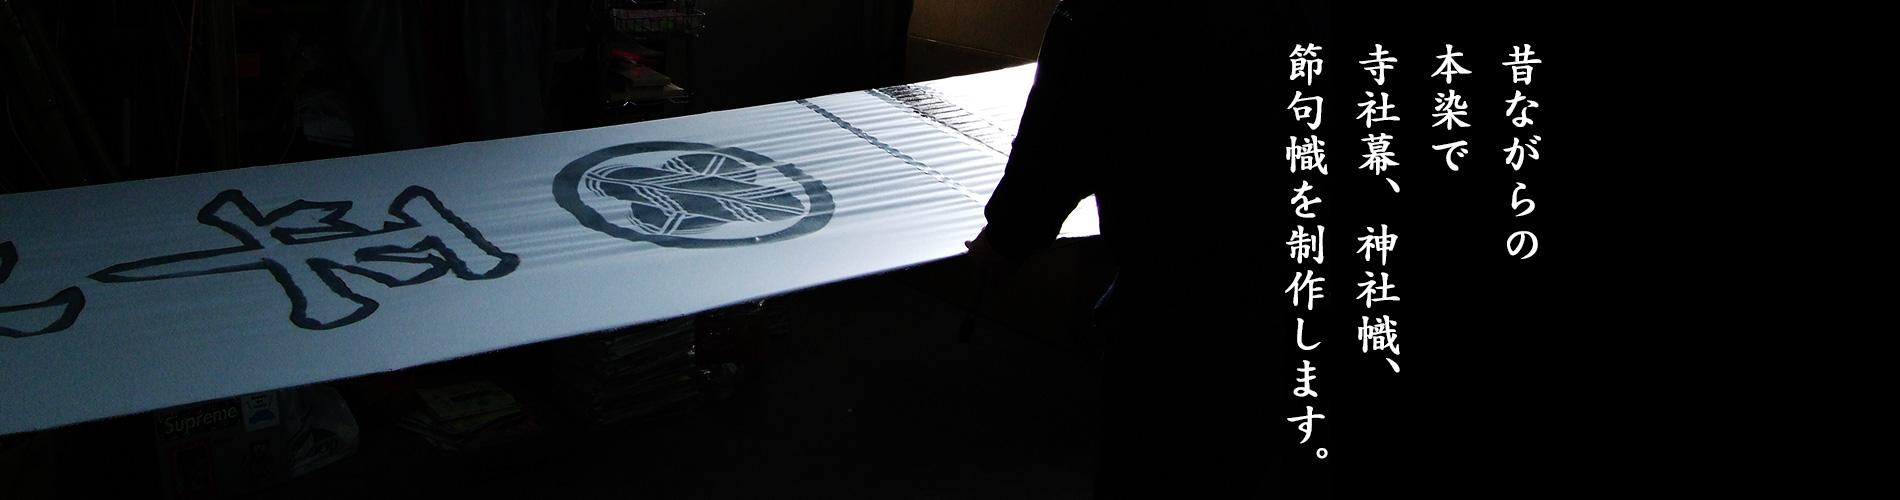 本染めオリジナルのれんの制作、オーダーのれんの制作いたします。